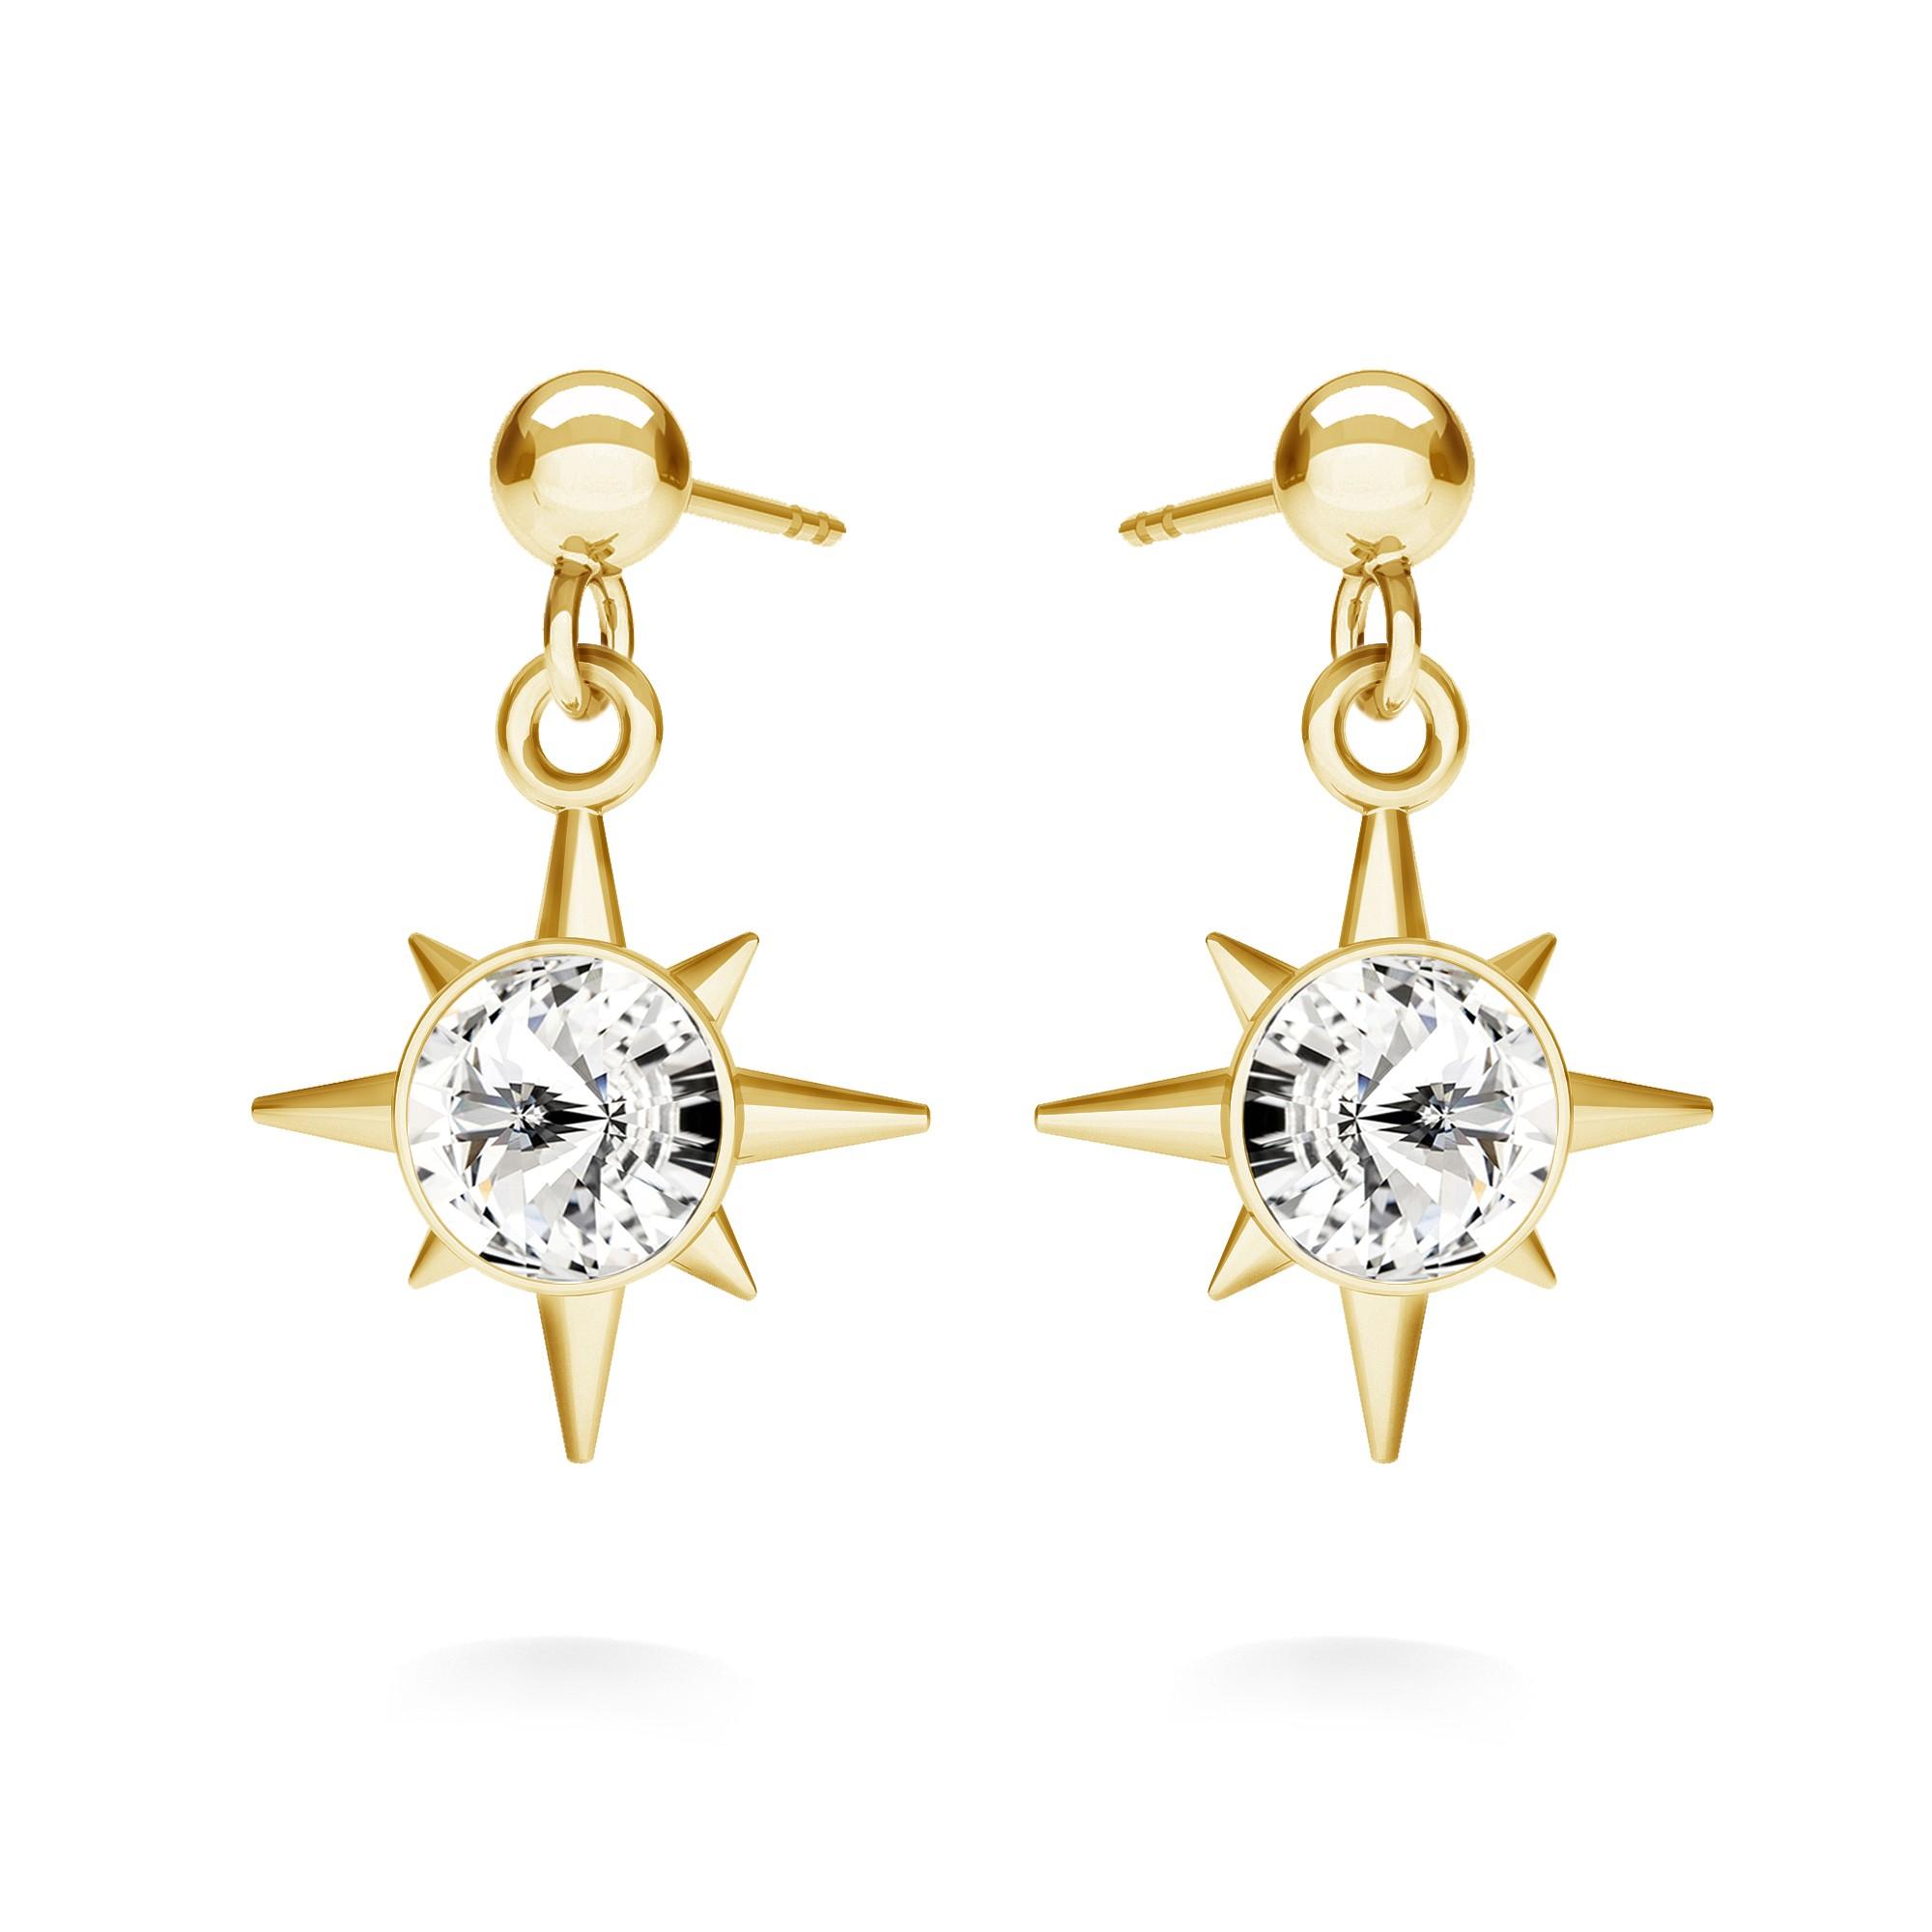 Kolczyki gwiazda z kryształem, MON DÉFI srebro 925